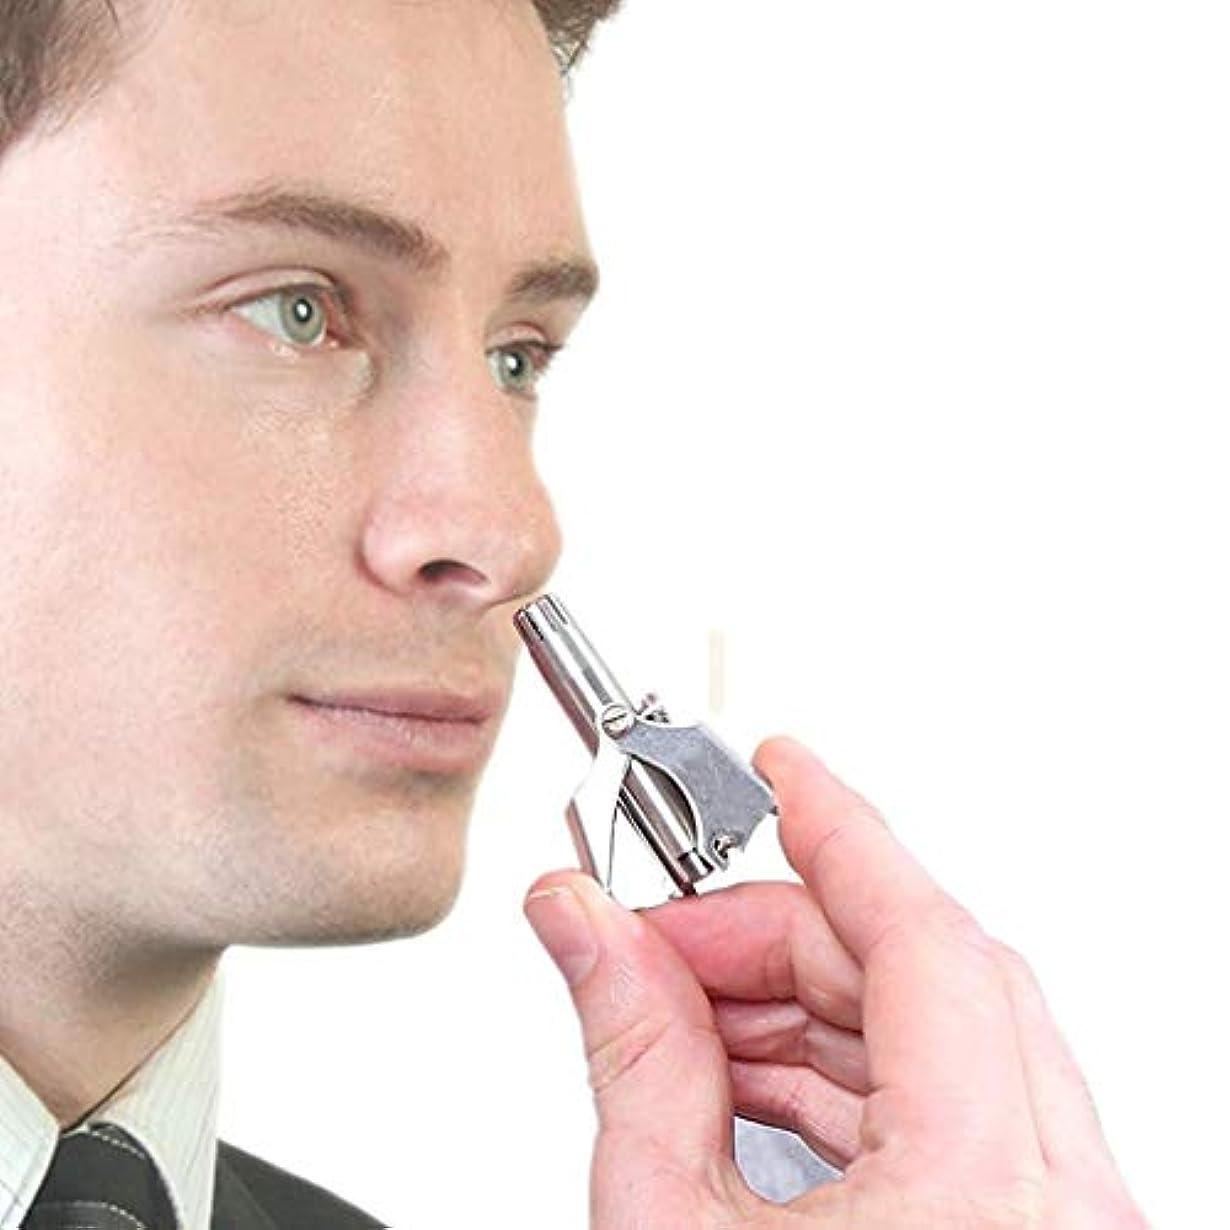 教師の日適応する会話男性&女性のためのポータブルマニュアル鼻&耳毛トリマー、パーフェクトマニュアルステンレス鋼の鼻毛リムーバー、必要ないいえ電池、簡単な清掃